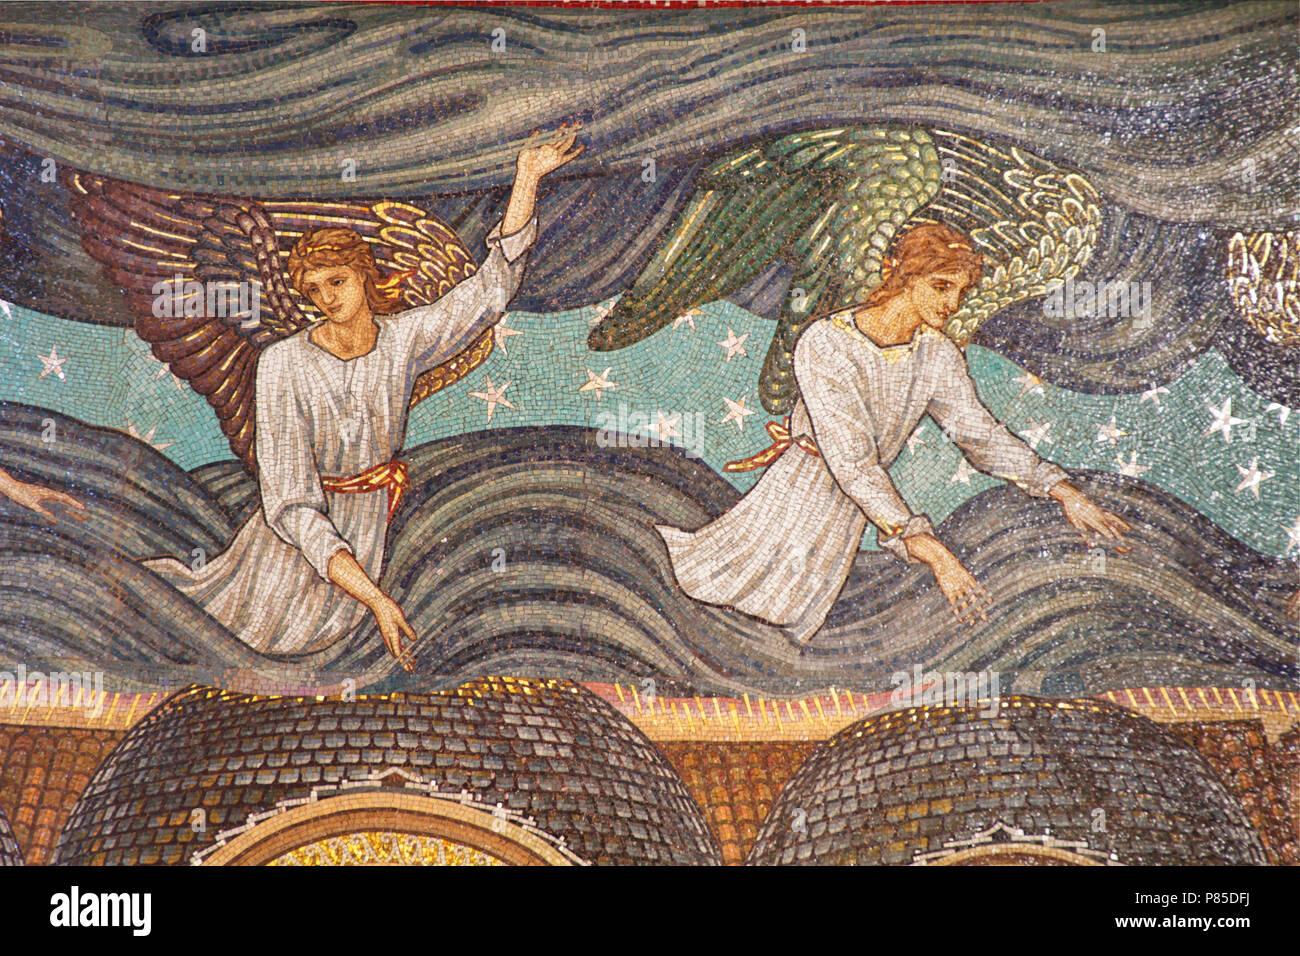 Due angeli - dettaglio dei mosaici Burne-Jones - San Paolo entro le mura - Roma Immagini Stock